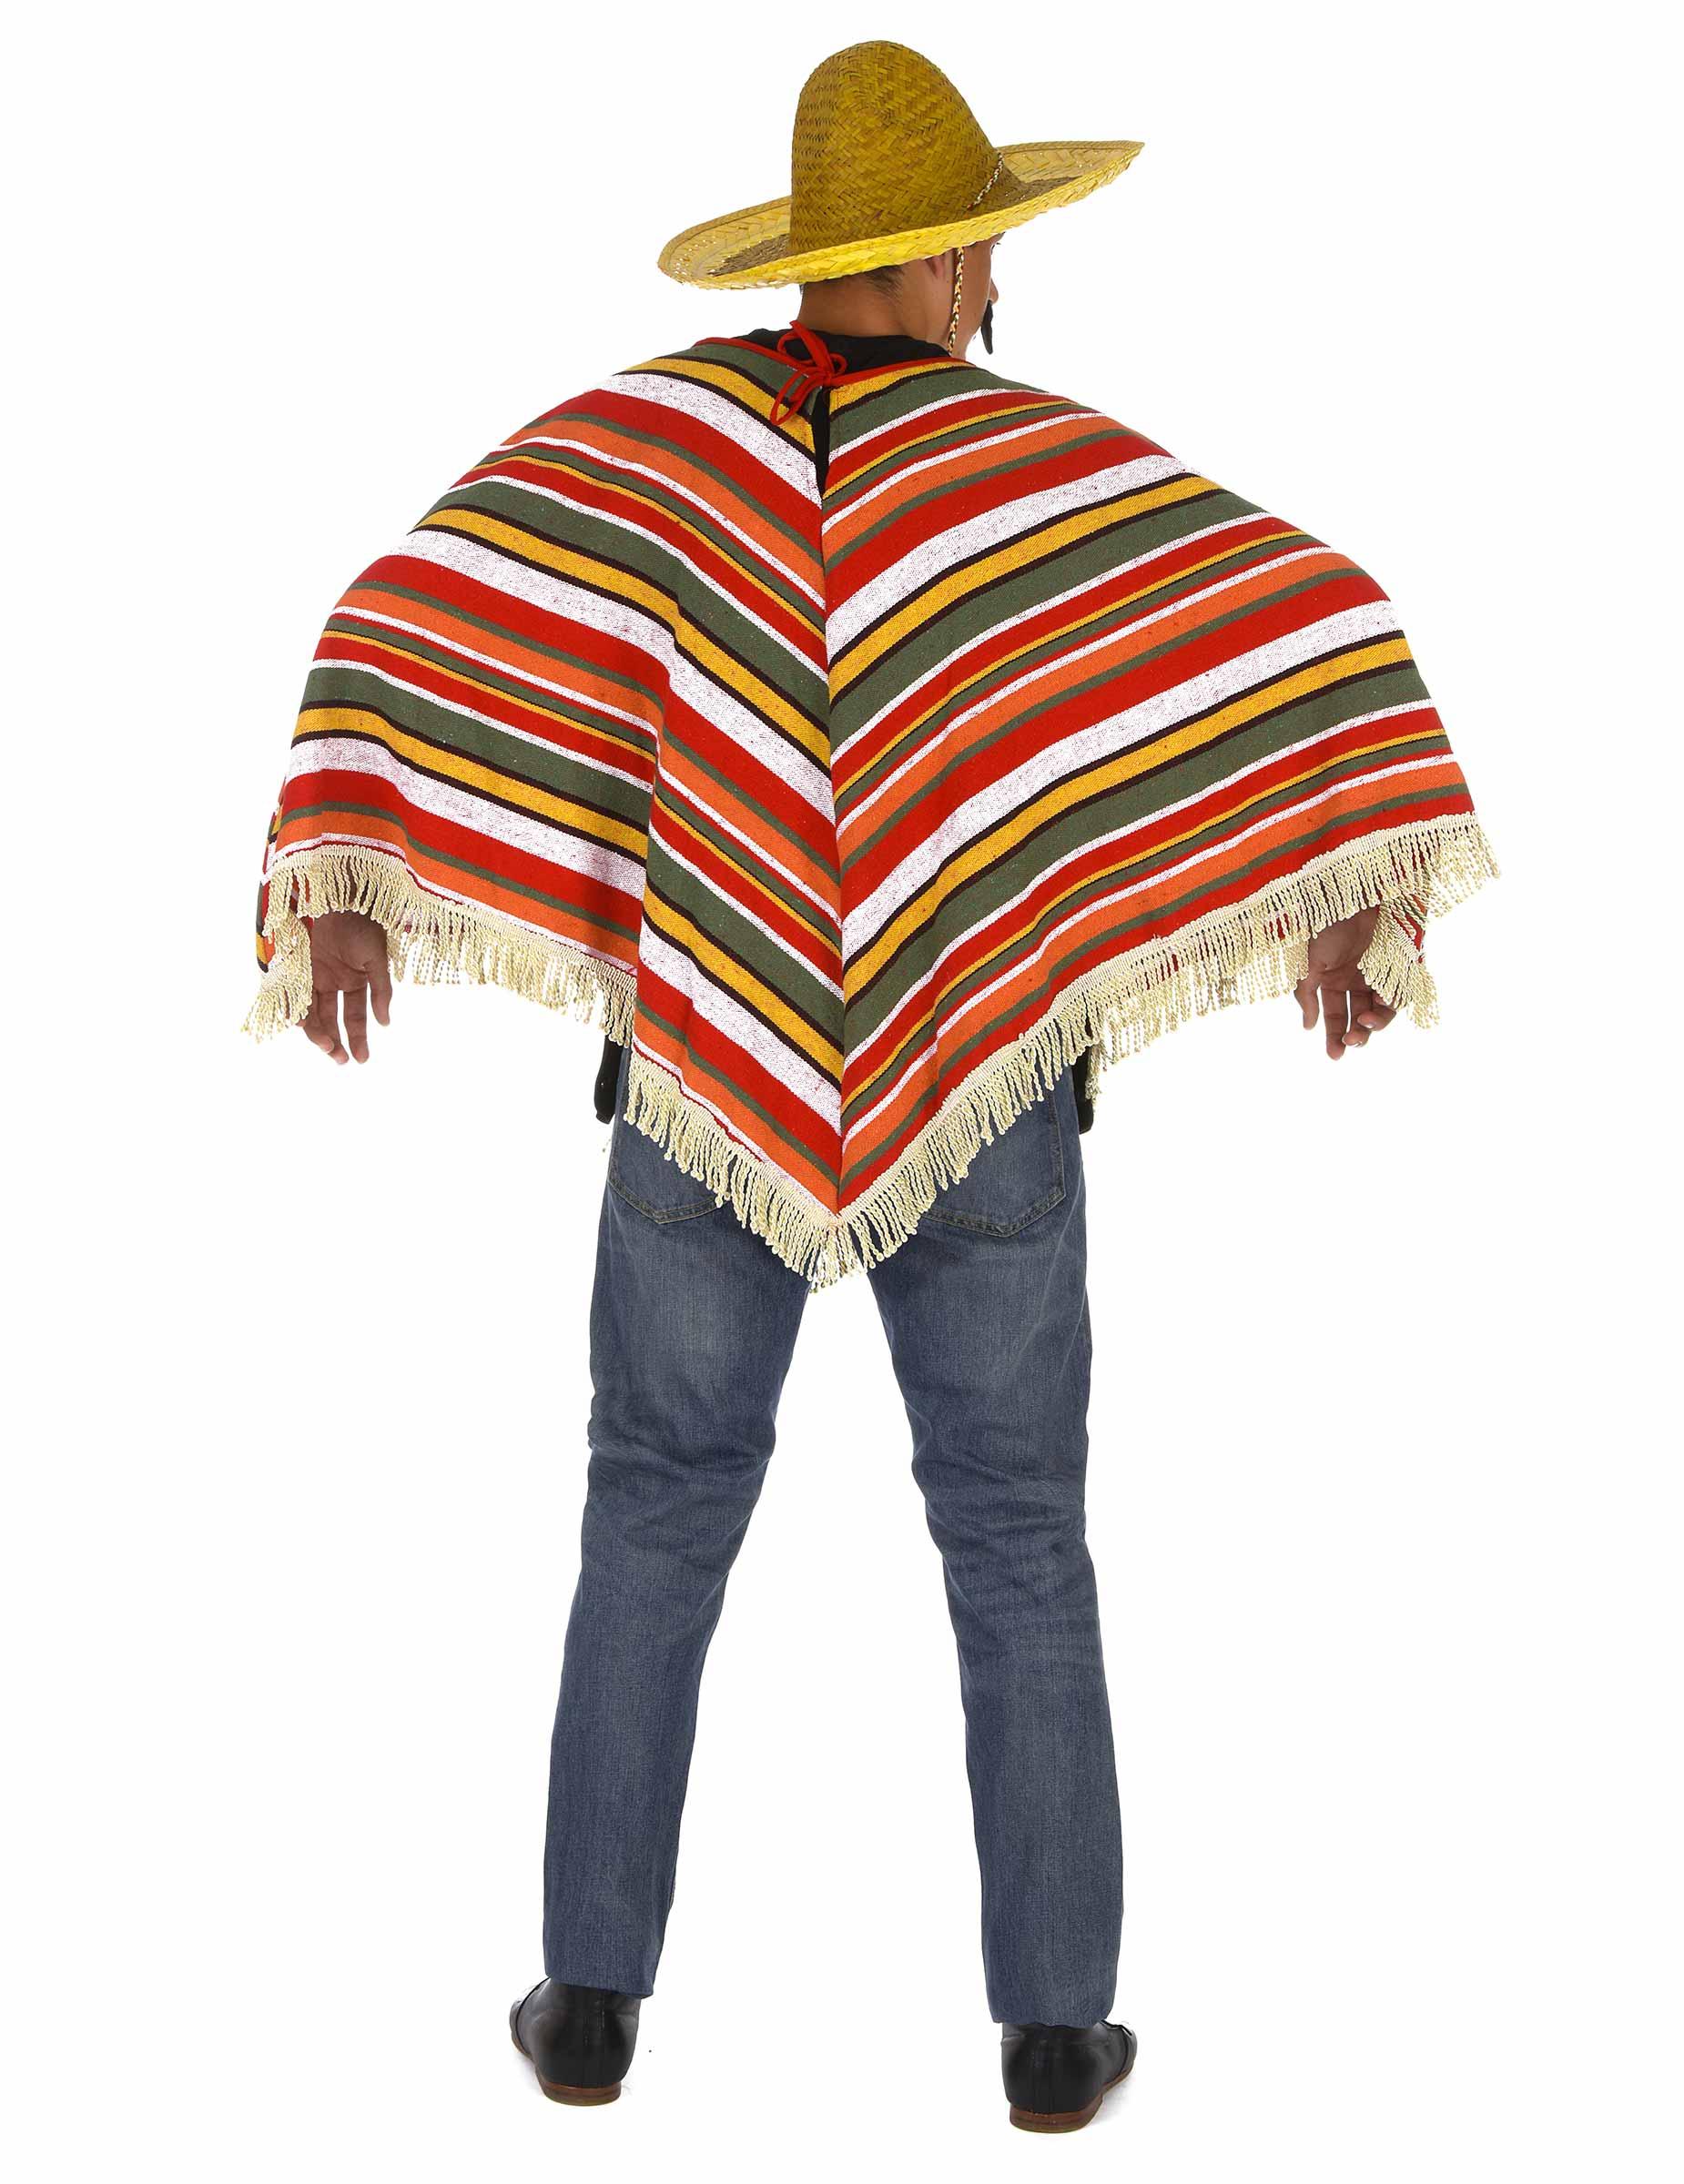 Poncho messicano colorato per adulti su VegaooParty f47293e4588a